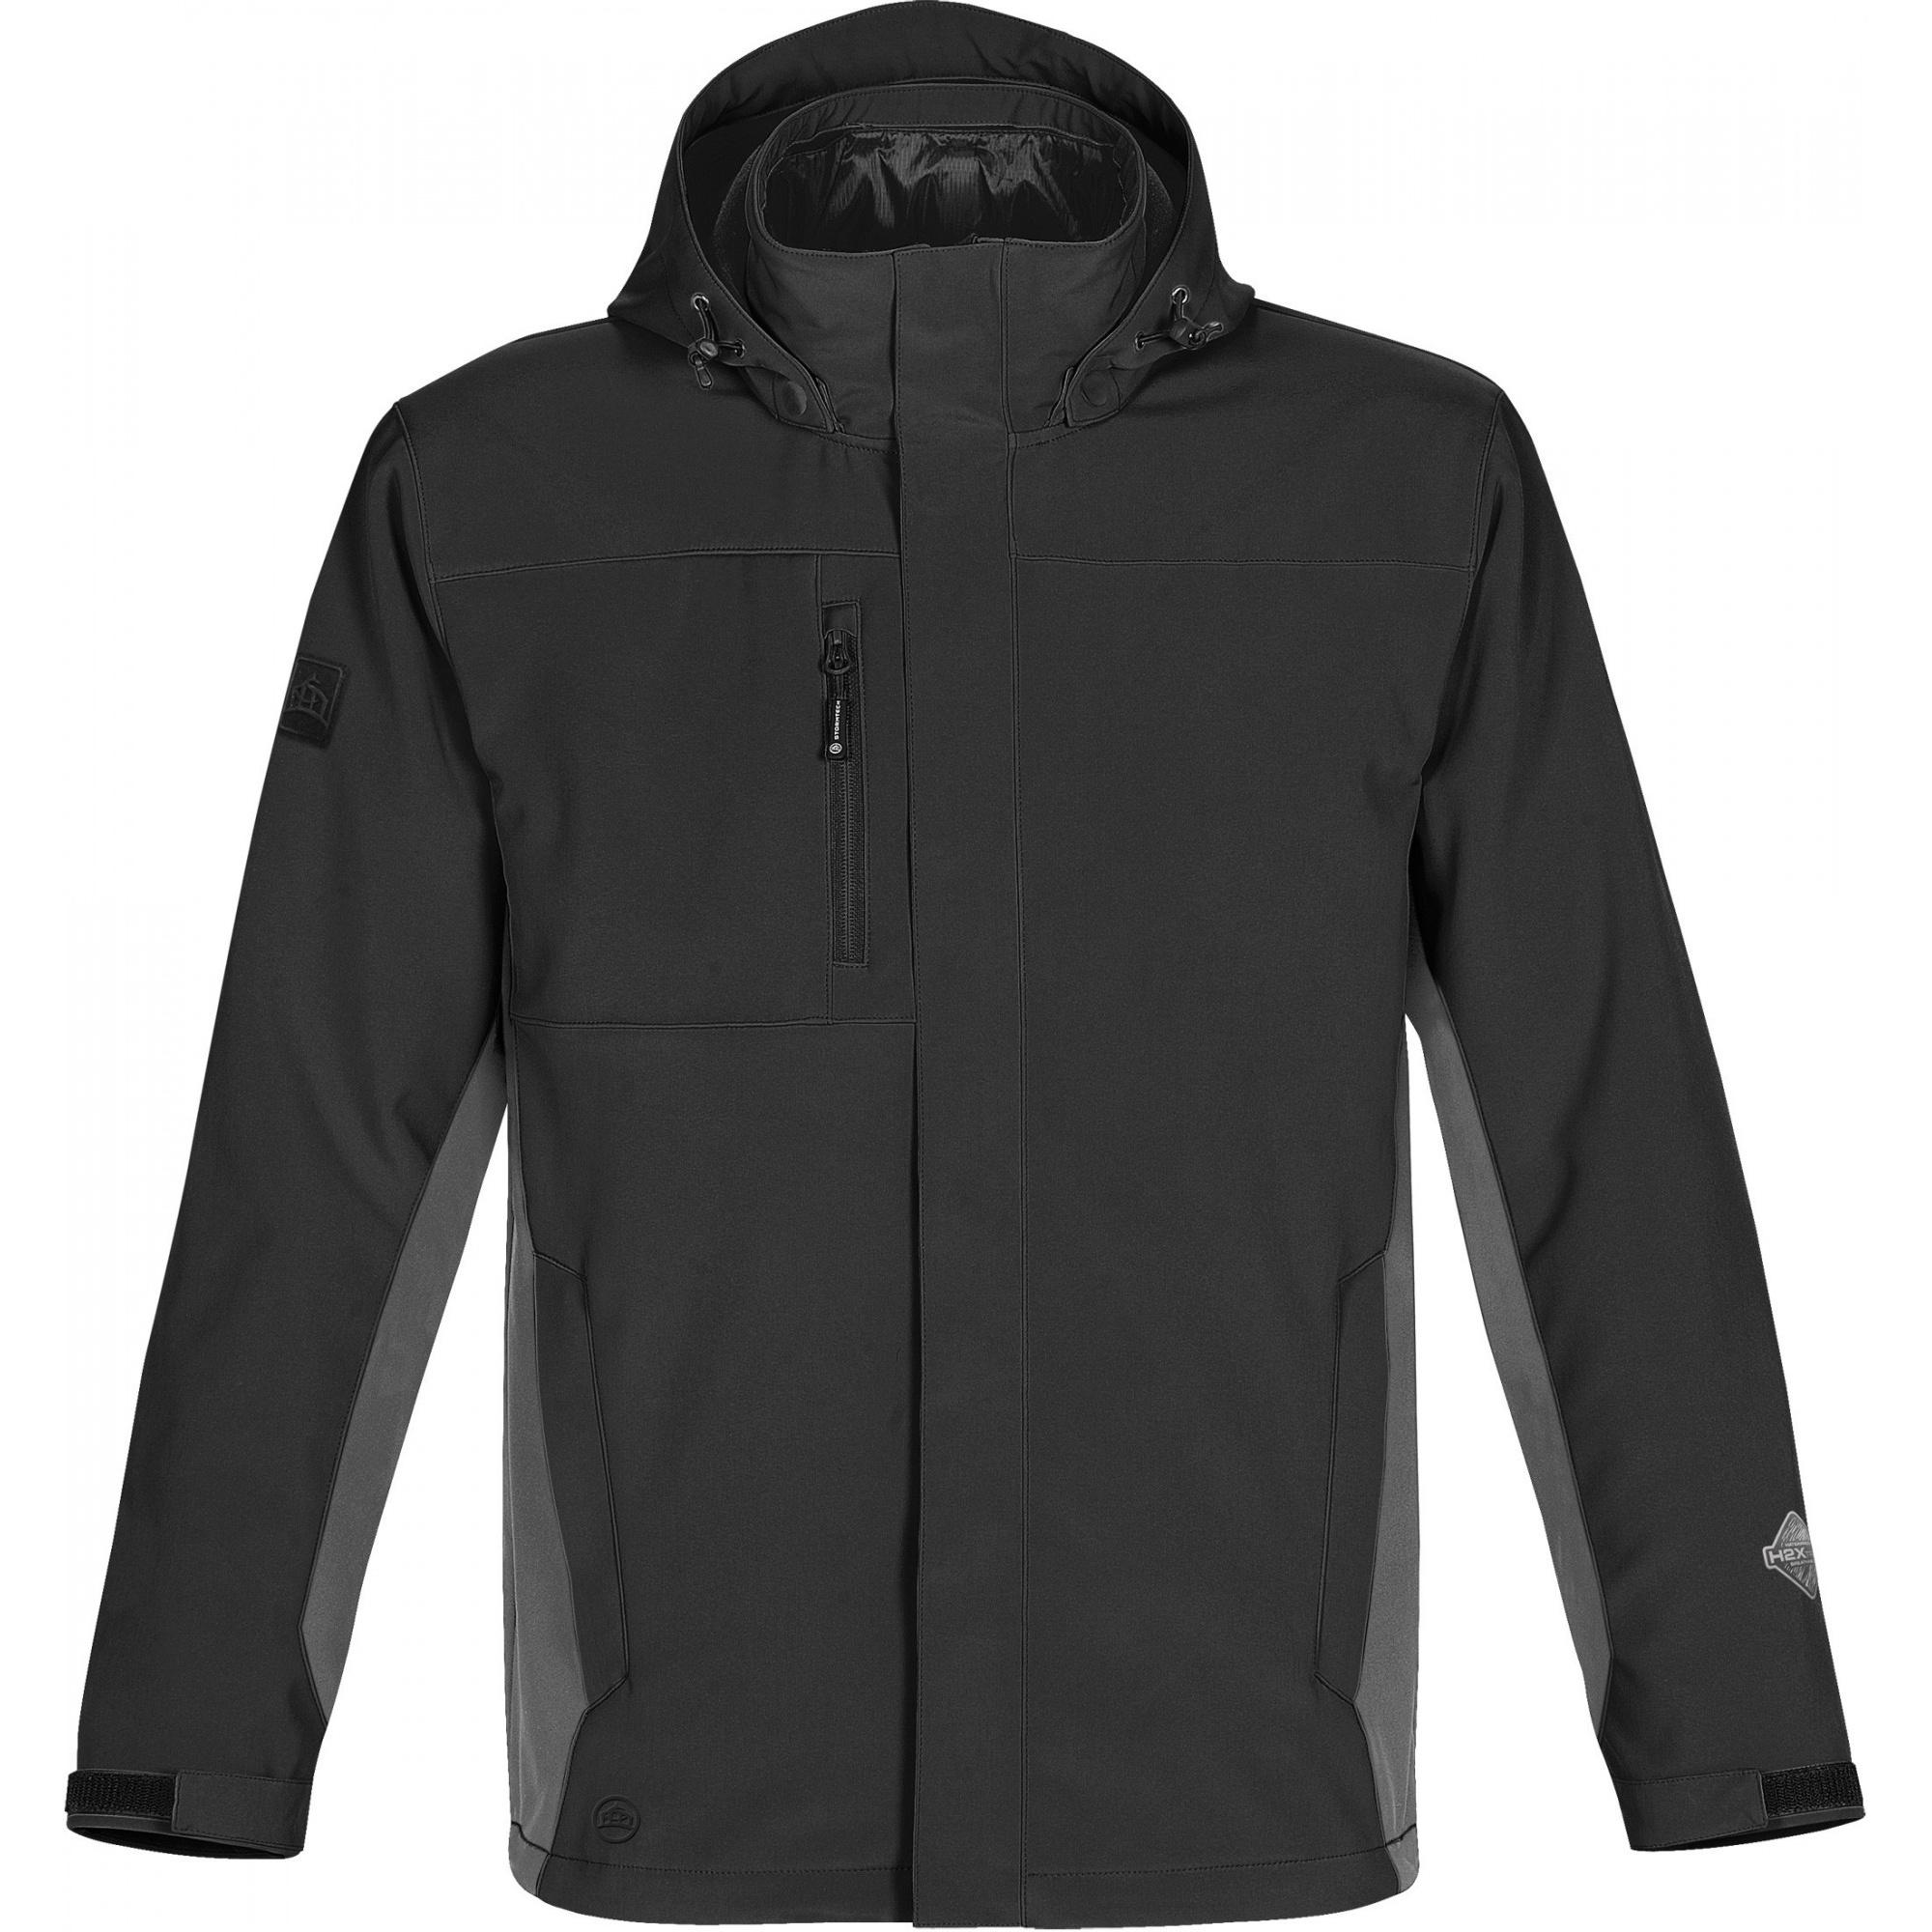 Stormtech Mens Atmosphere 3-in-1 Performance Jacket (Waterproof & Breathable) (2XL) (Black/Granite)